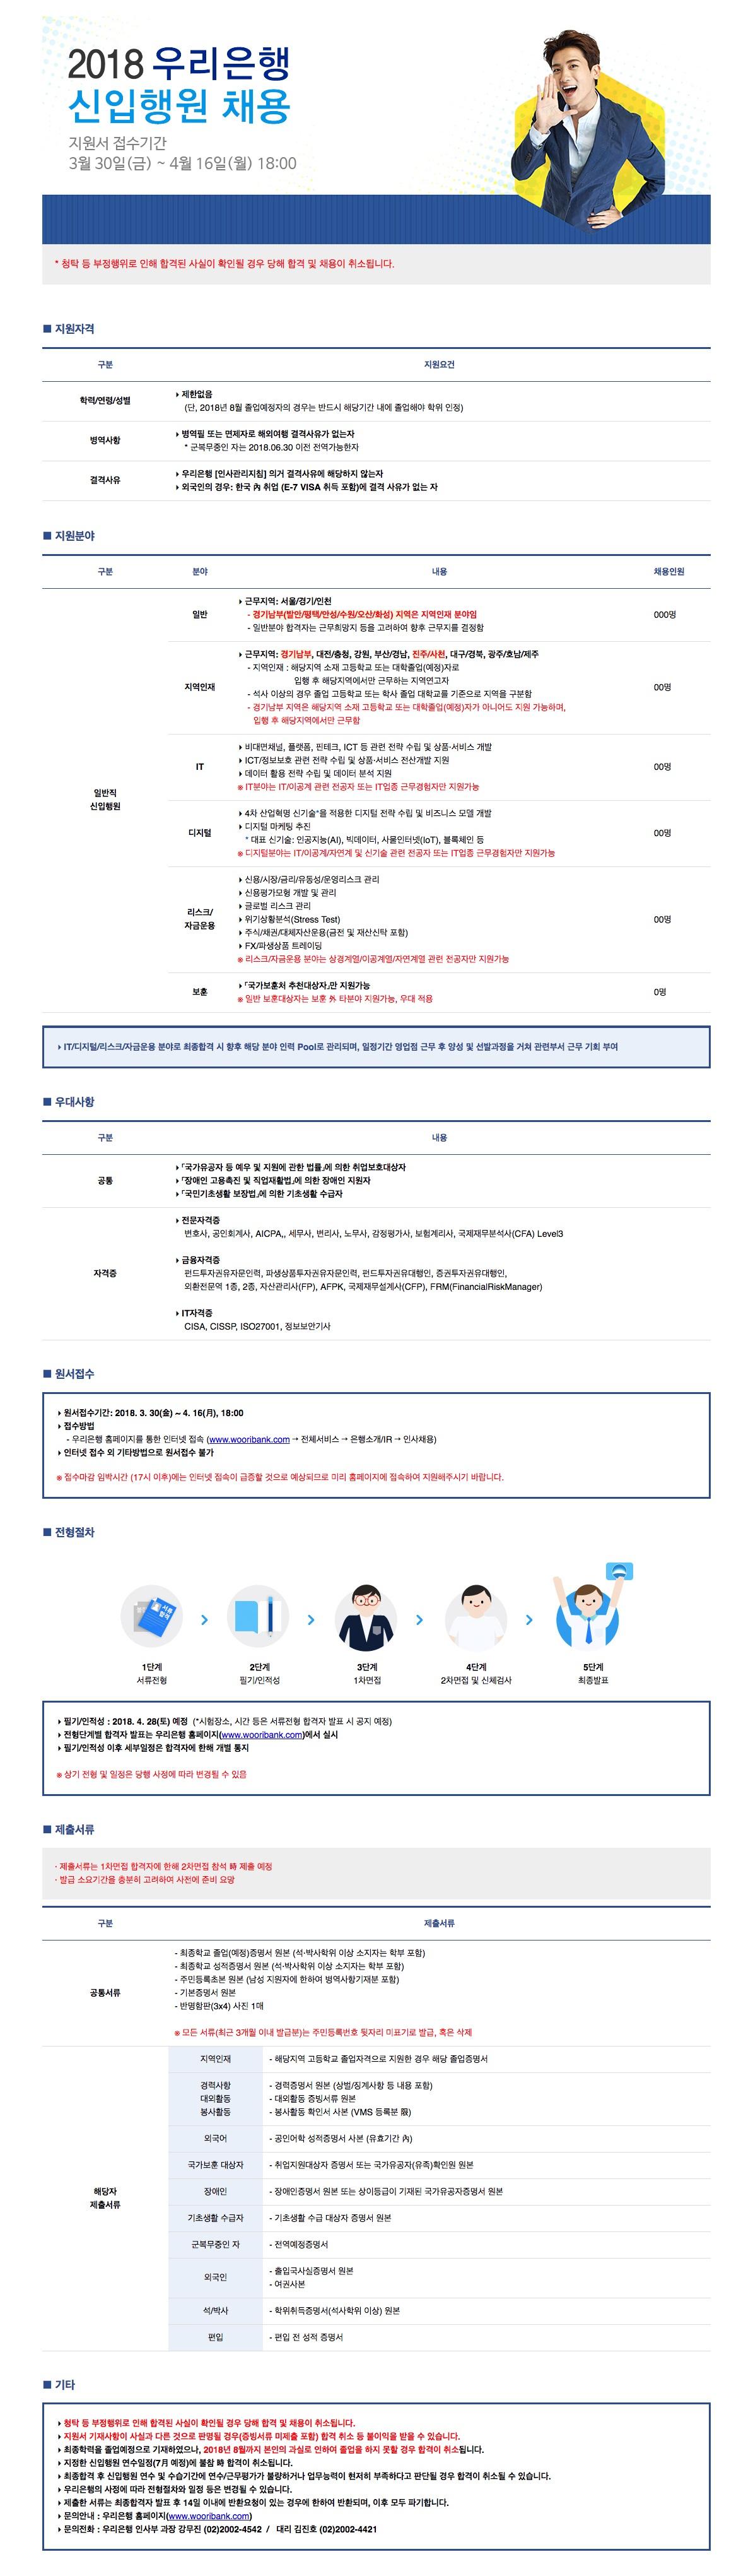 2018+우리은행+신입행원+채용_채용캠페인_수정1.jpg